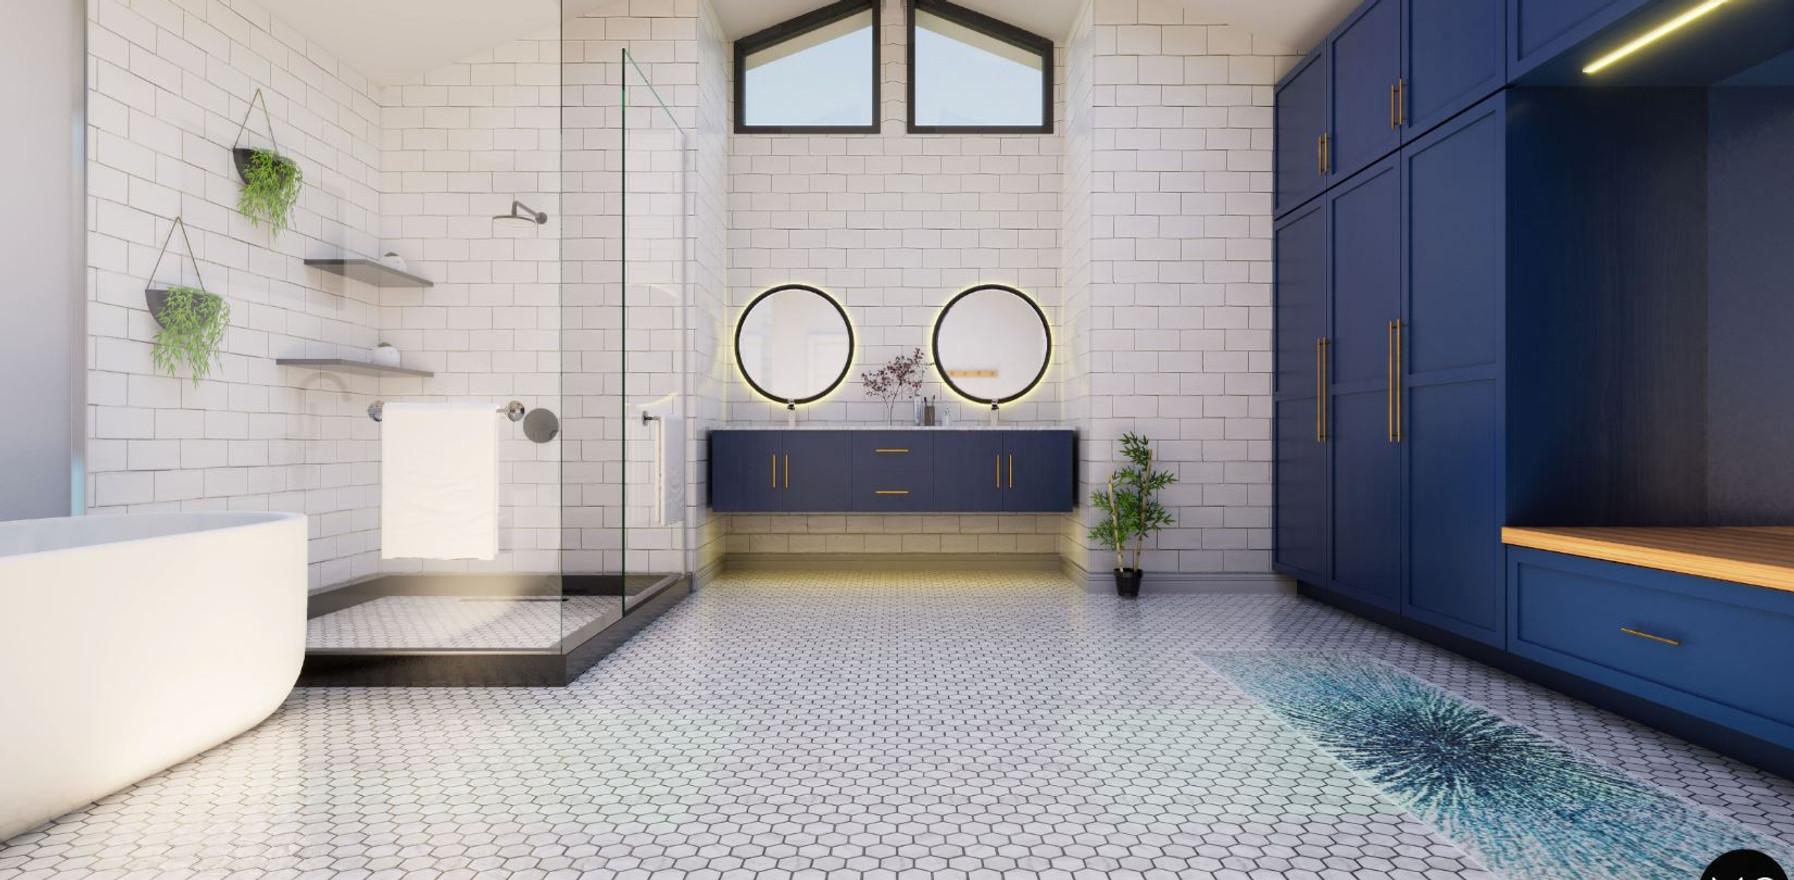 Bathroom Remodeling located In San Antonio, Texas